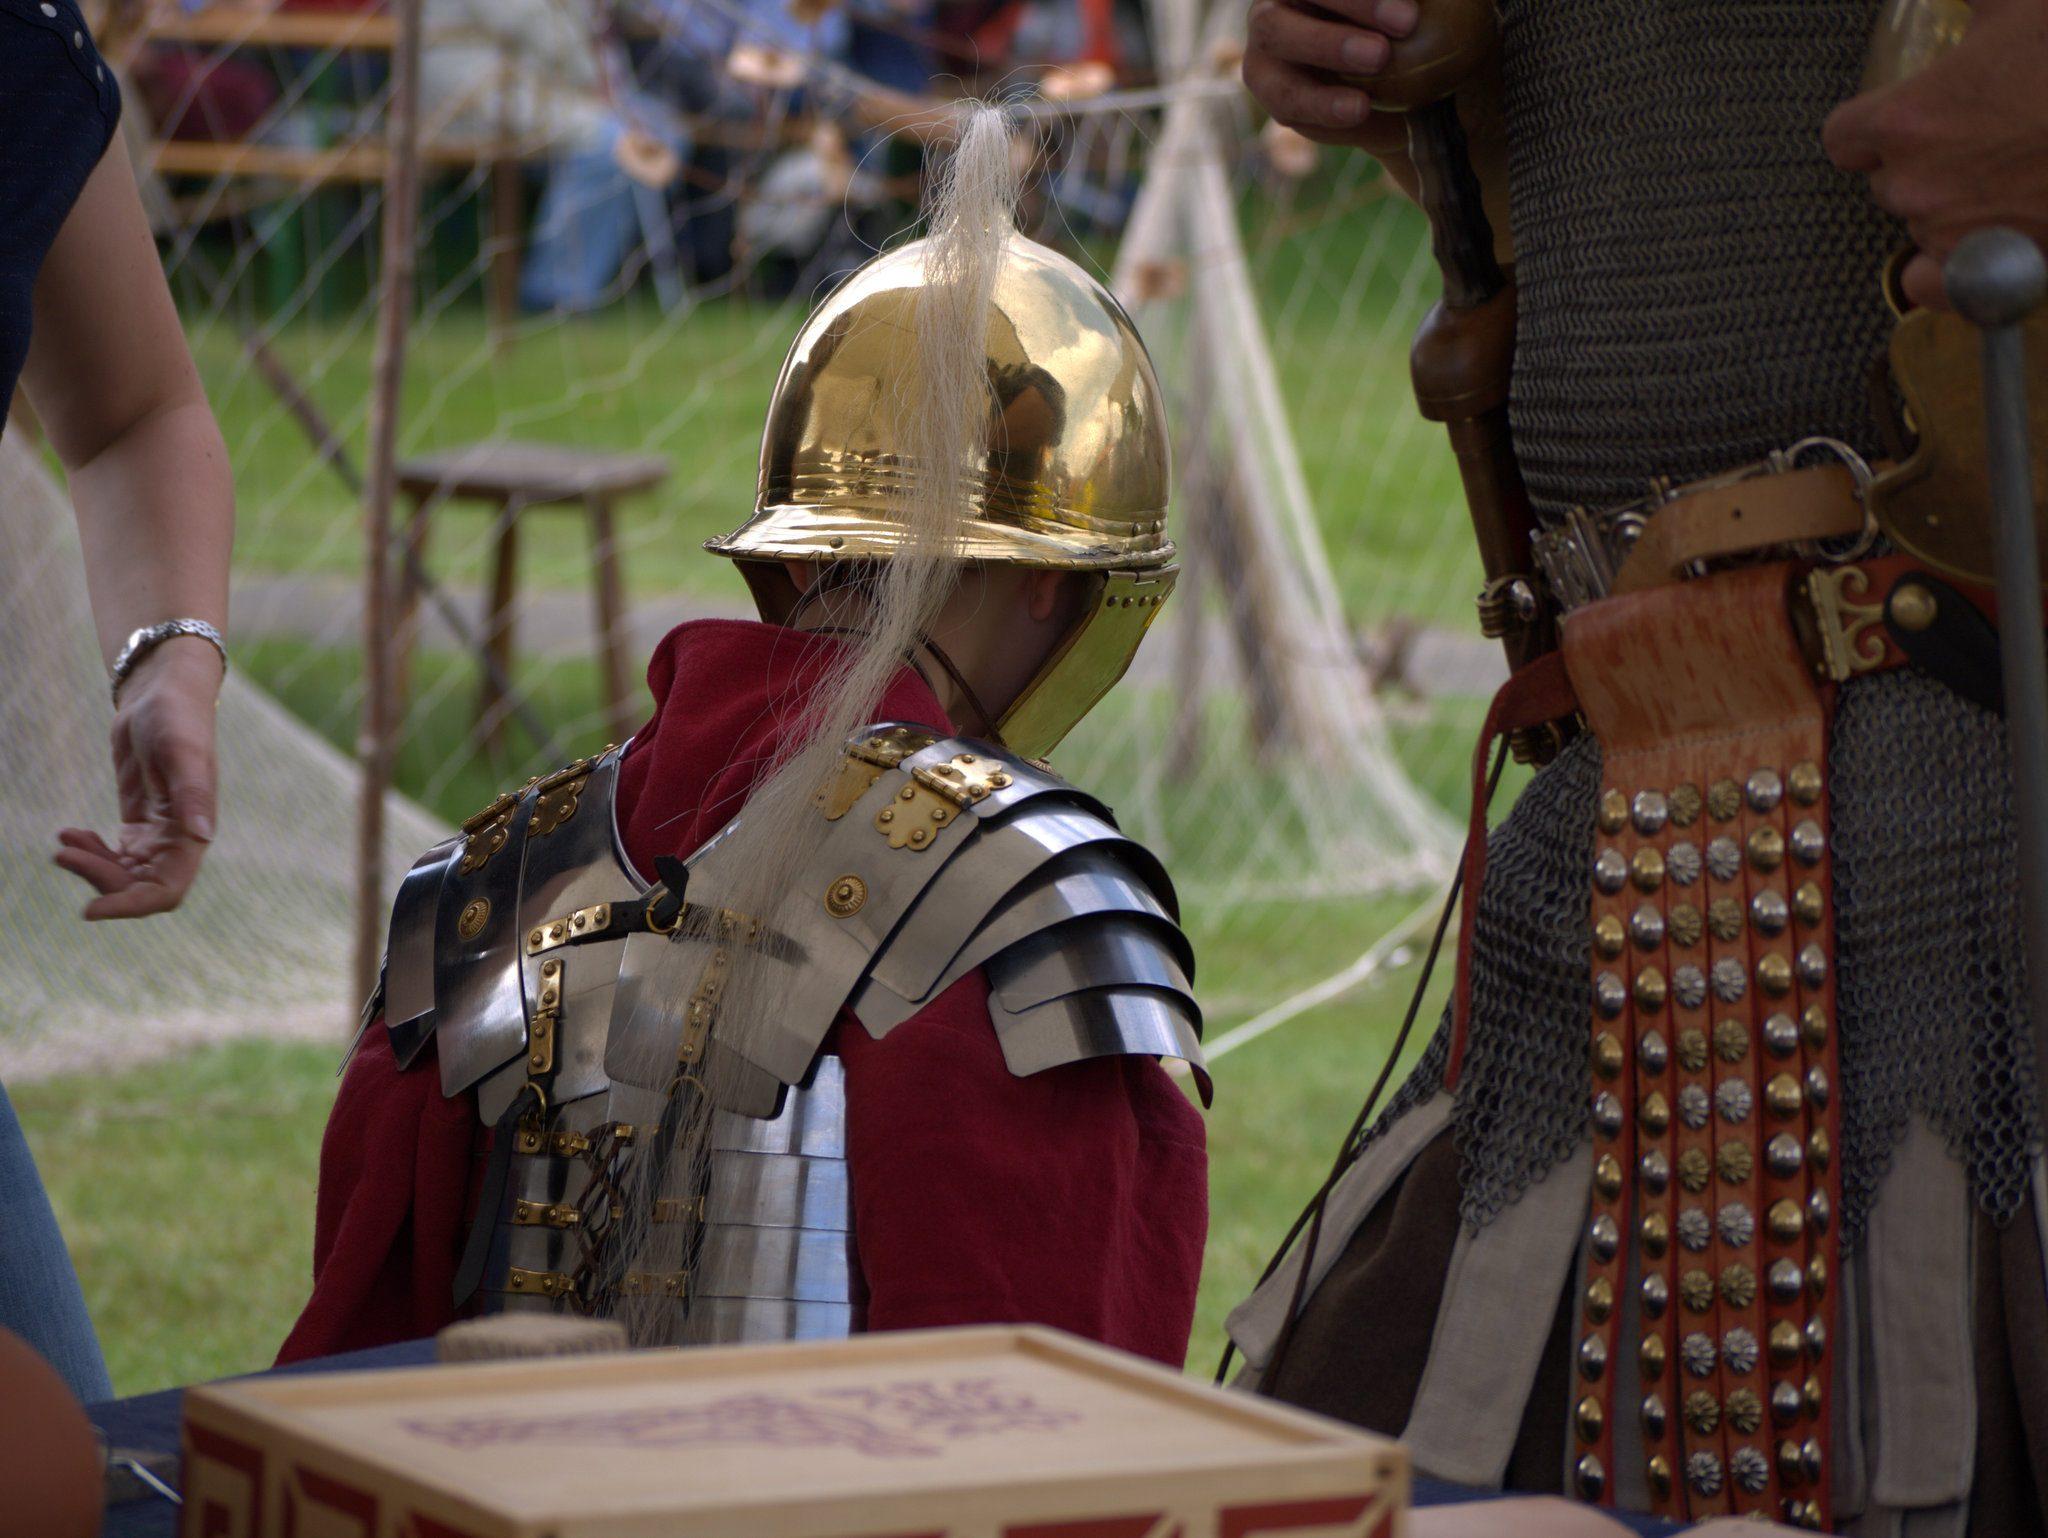 So klein und schon bei den Römern!